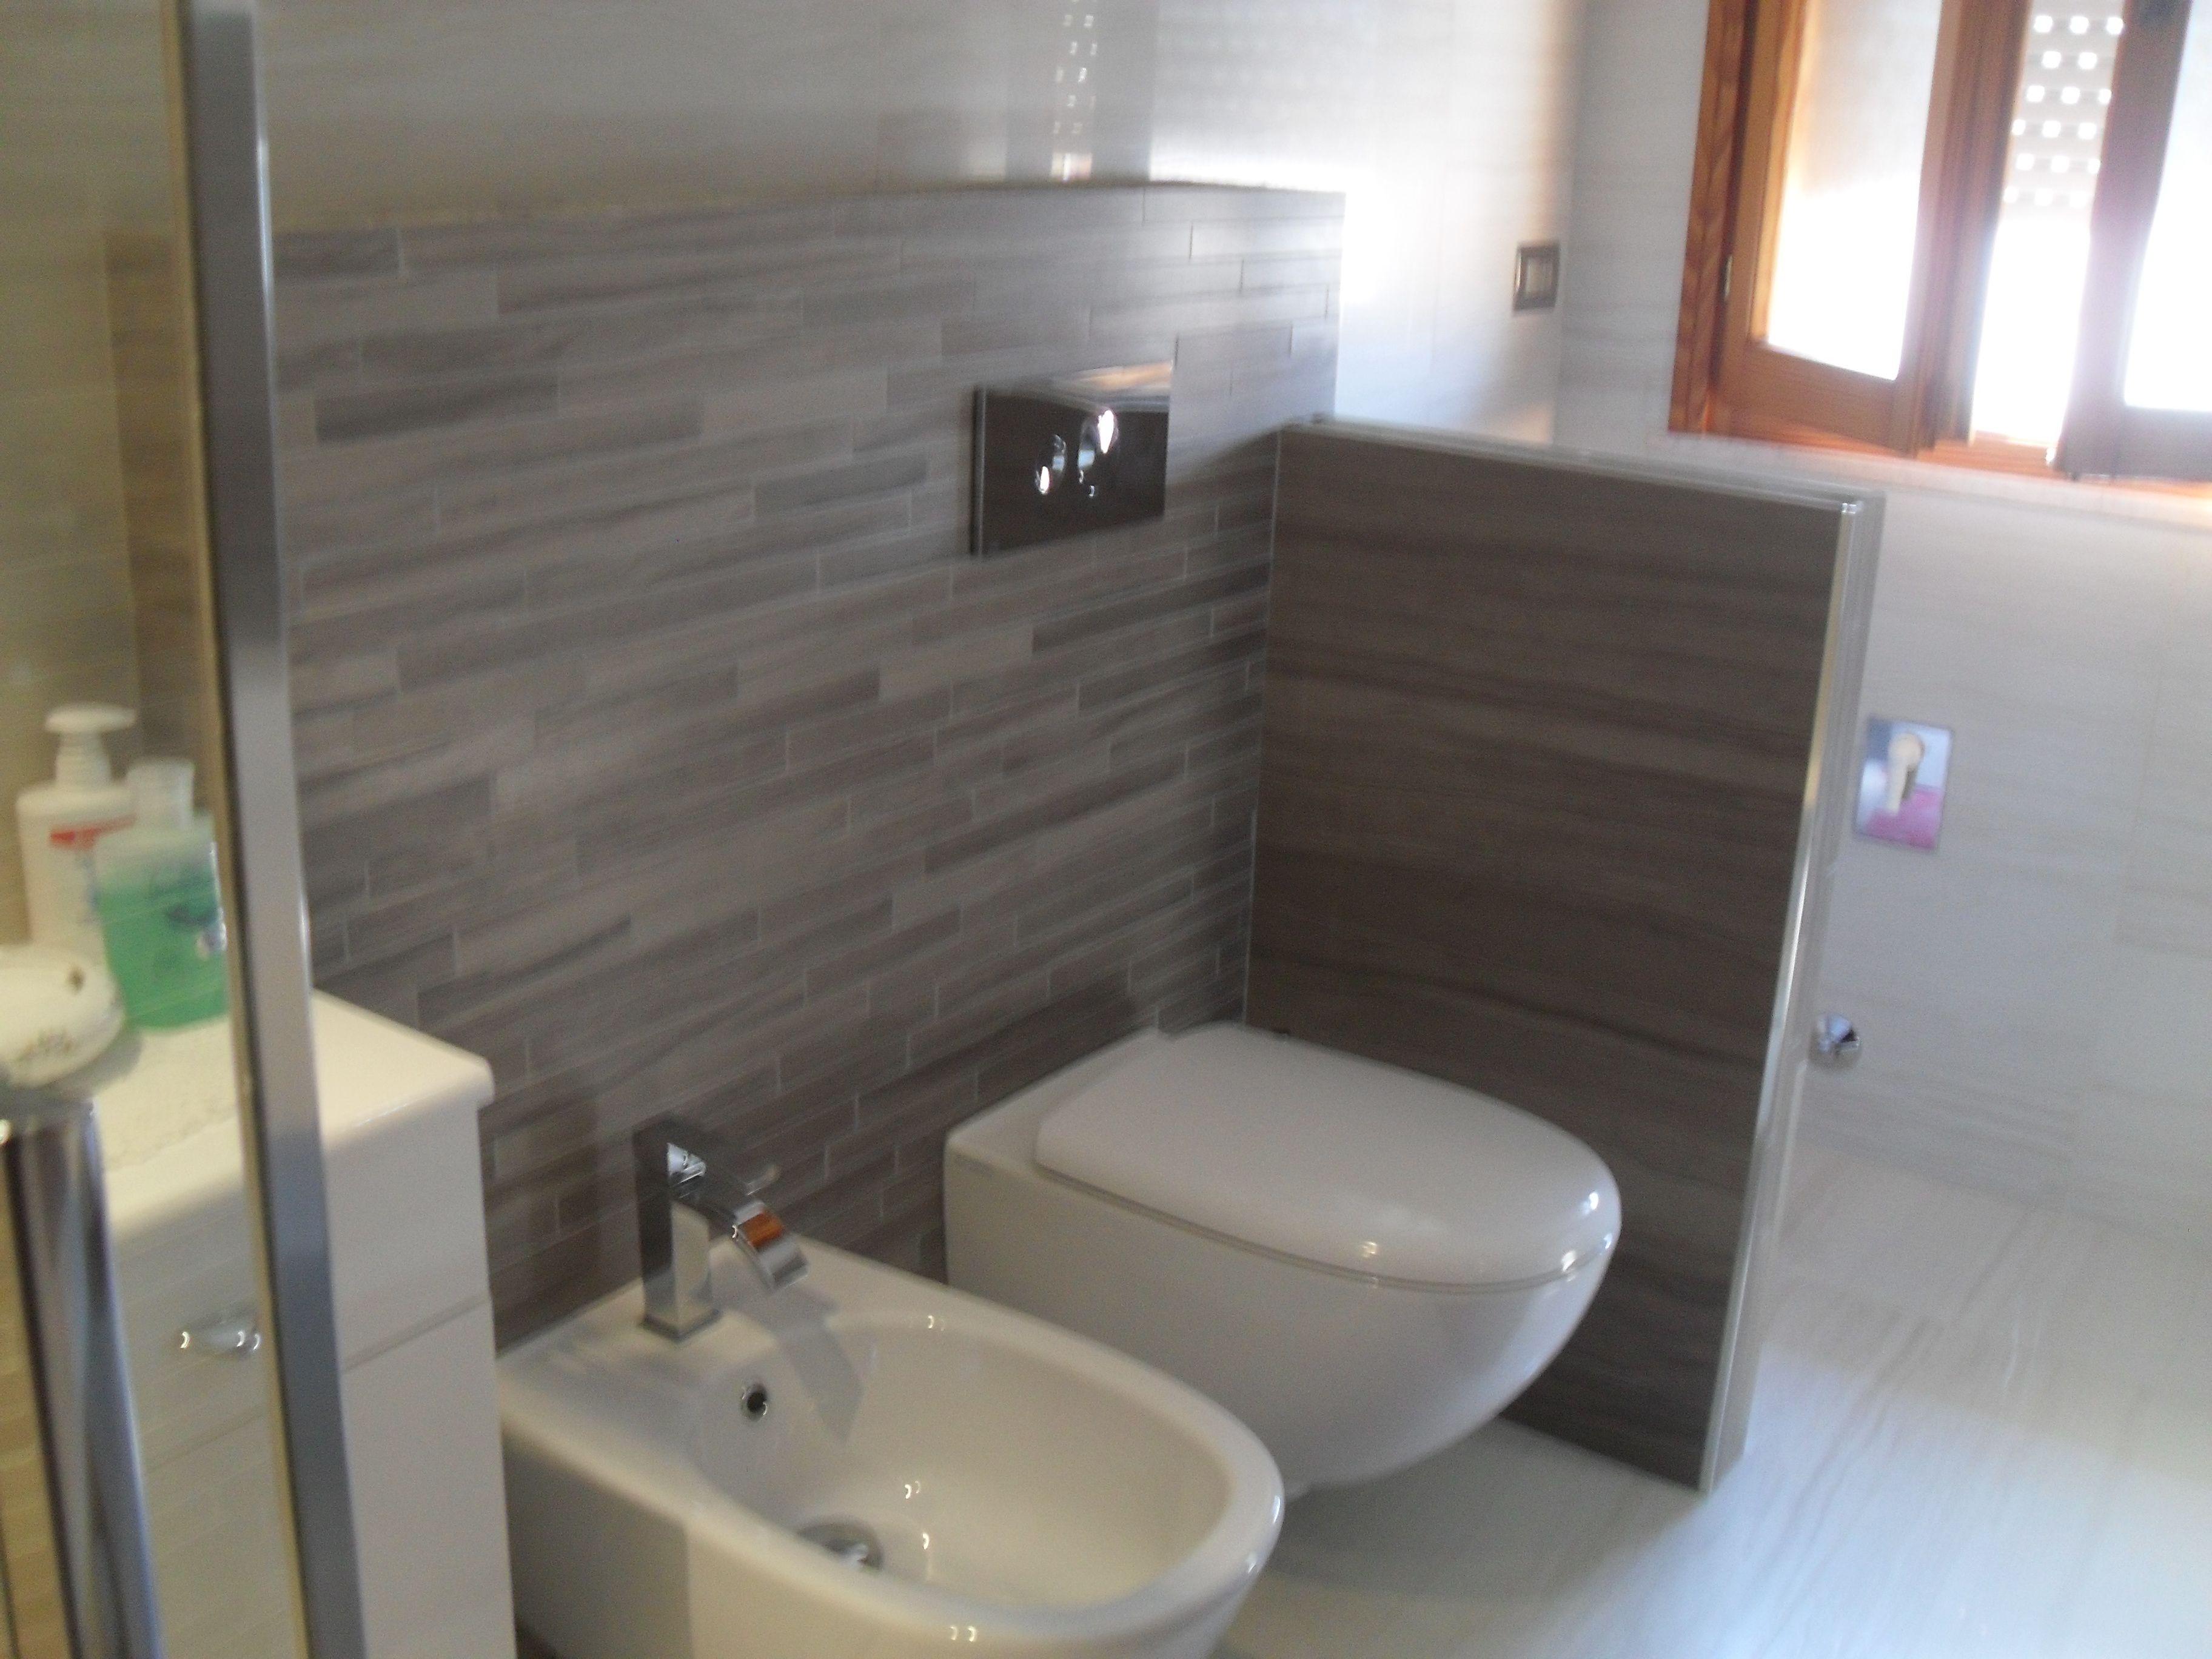 Finestra Bagno ~ Bagno muretti sanitari cerca con google bagno stretto e lungo